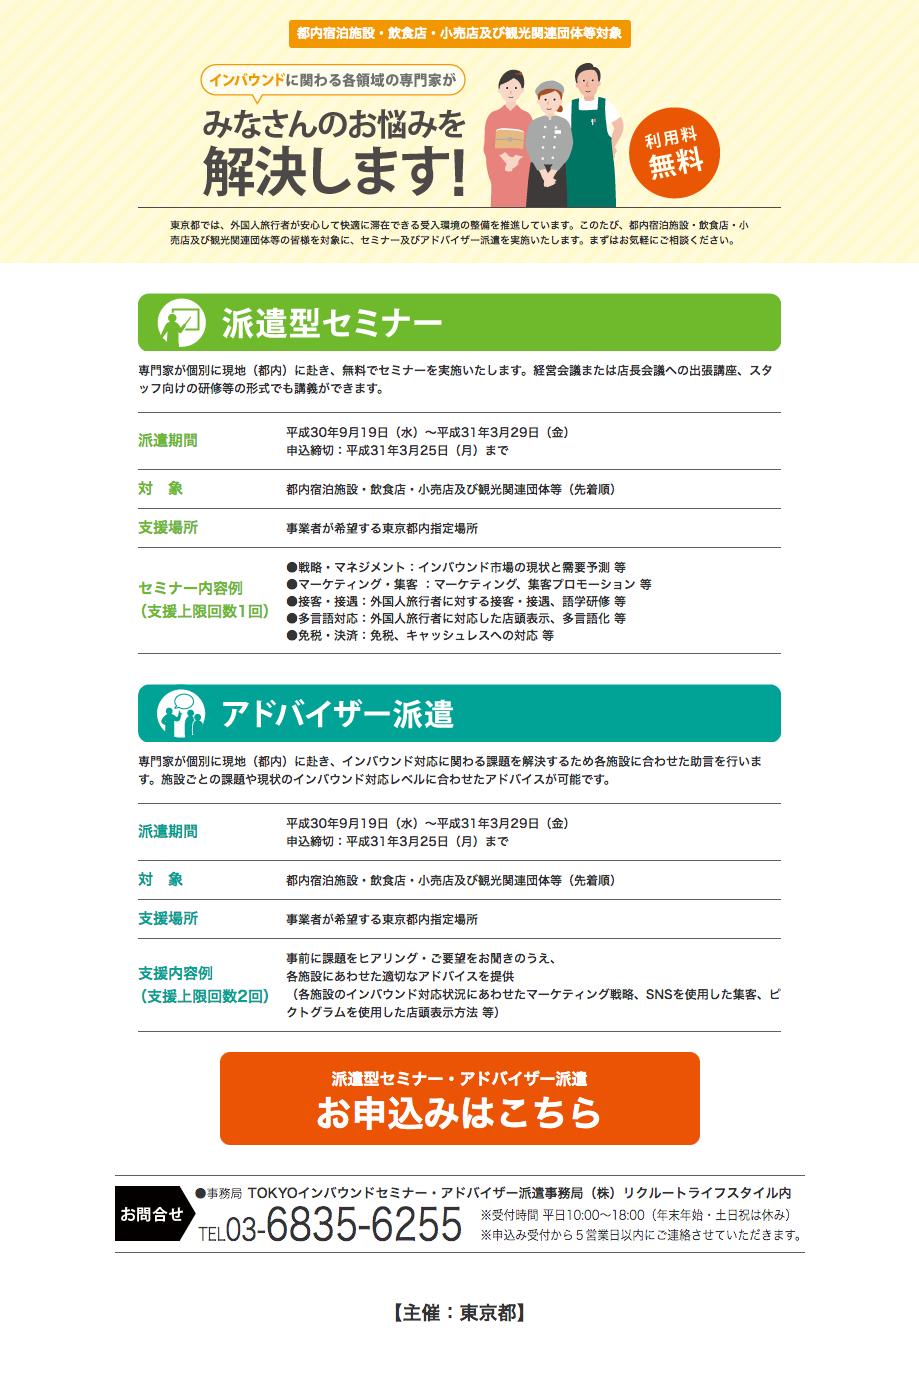 東京インバウンドセミナー